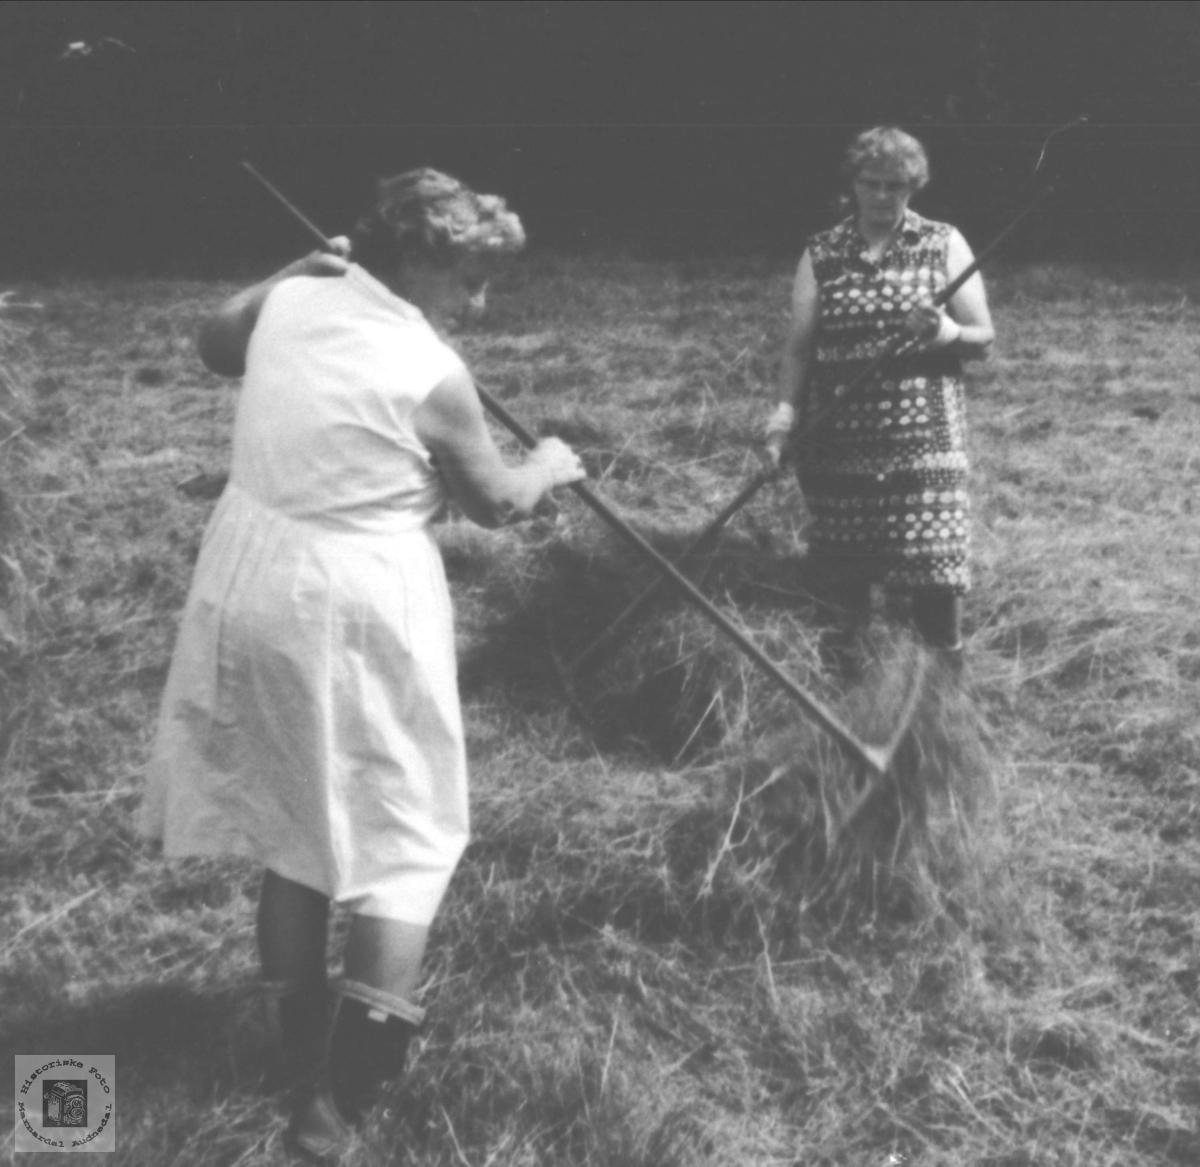 Kvinnfolksarbeid i høyonna! Riva er redskapen, Birkeland Laudal.